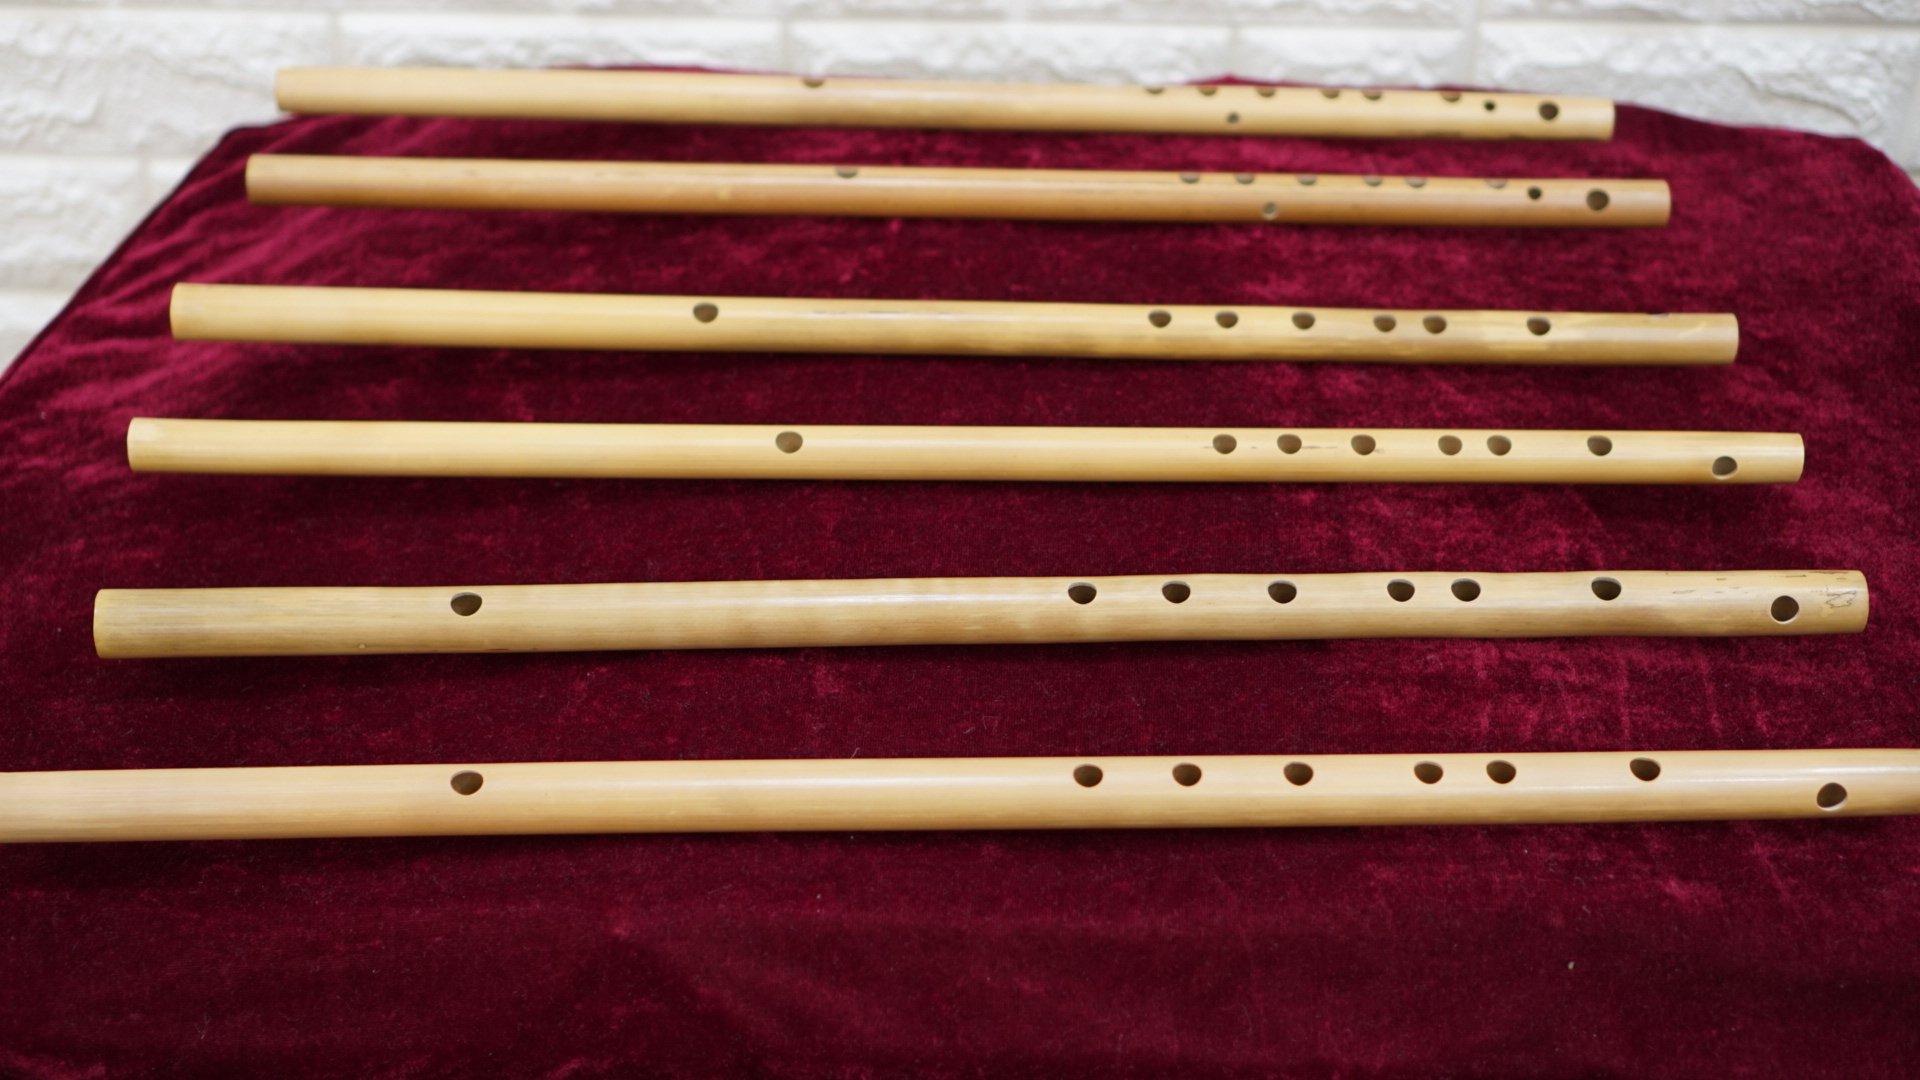 Các Loại Sáo Trúc? Các bộ sáo trúc Việt Nam?